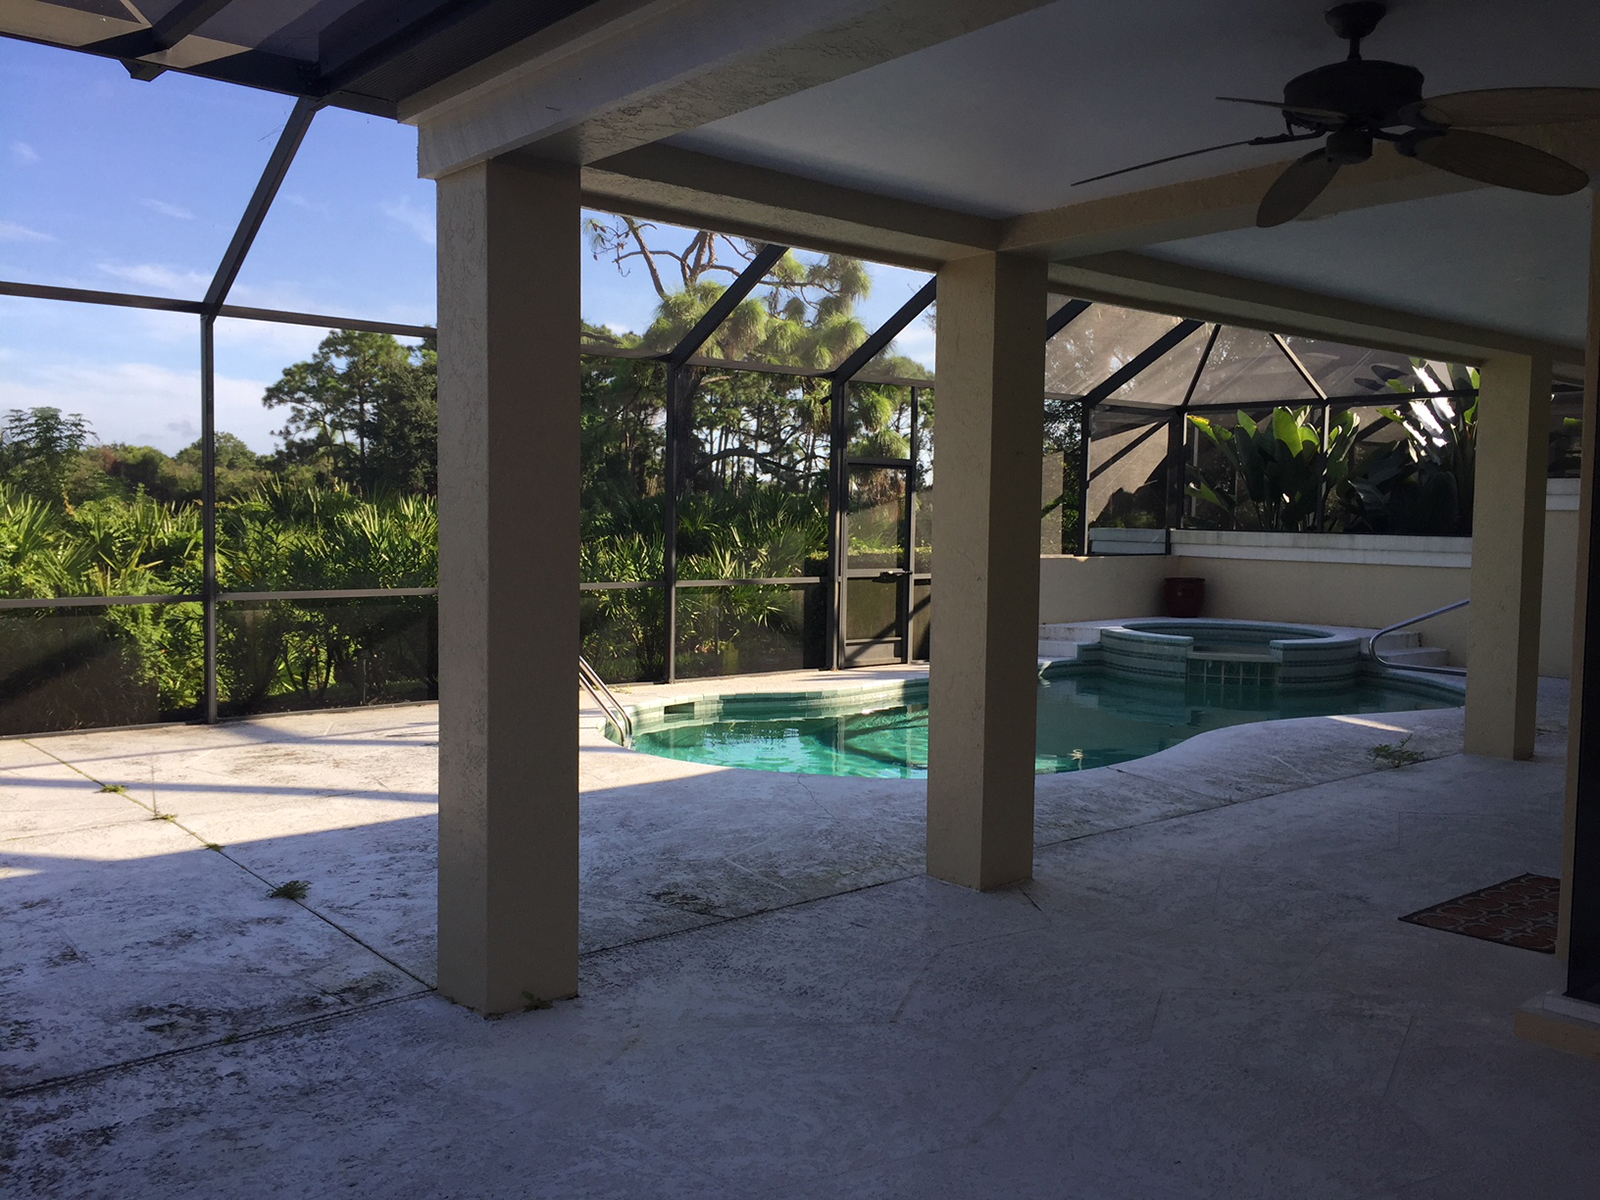 Pool Before